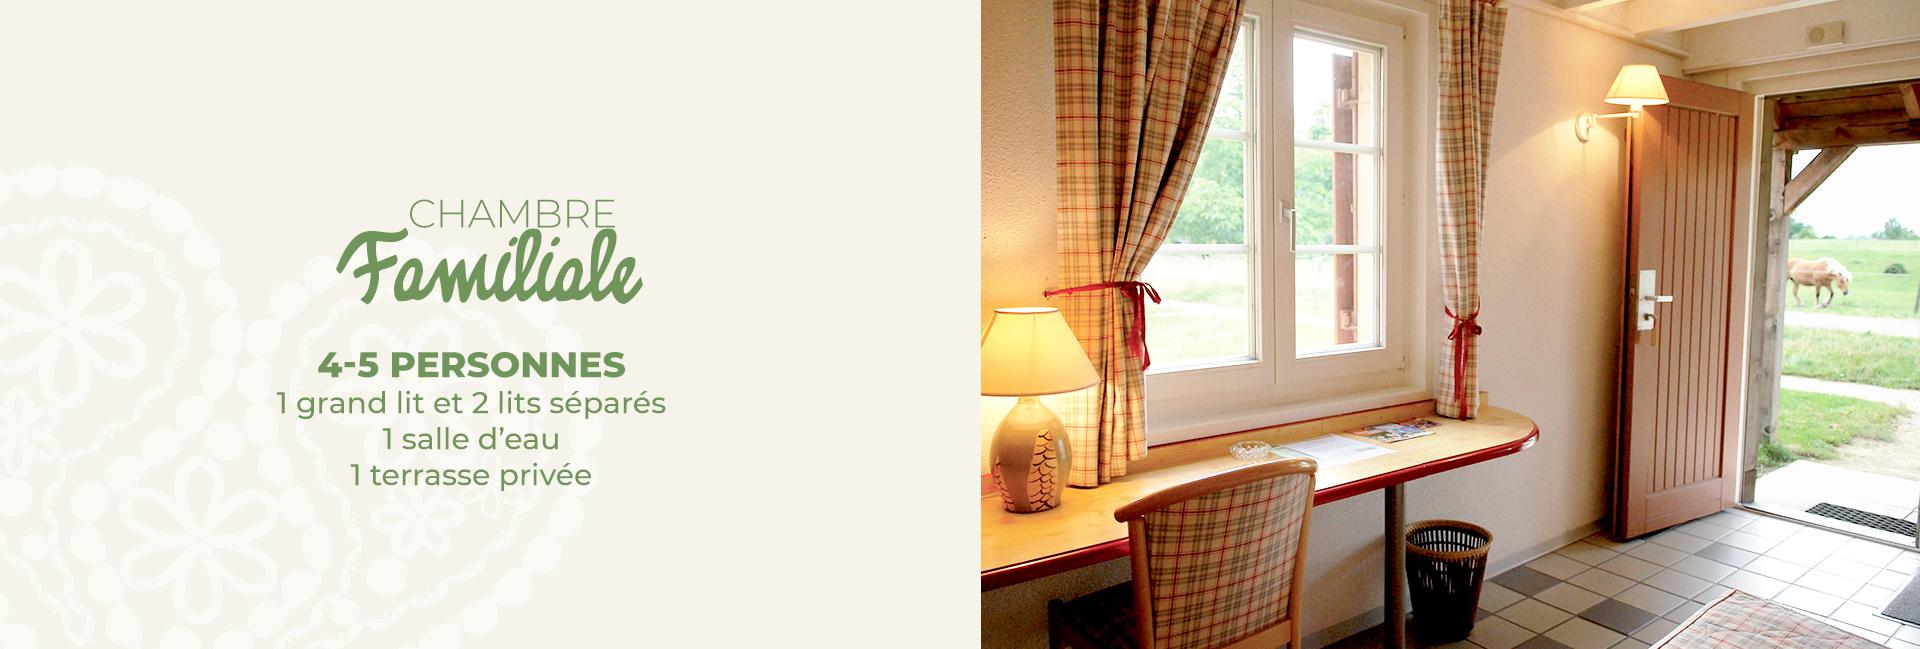 chambrefamiliale-hotelloge-hover